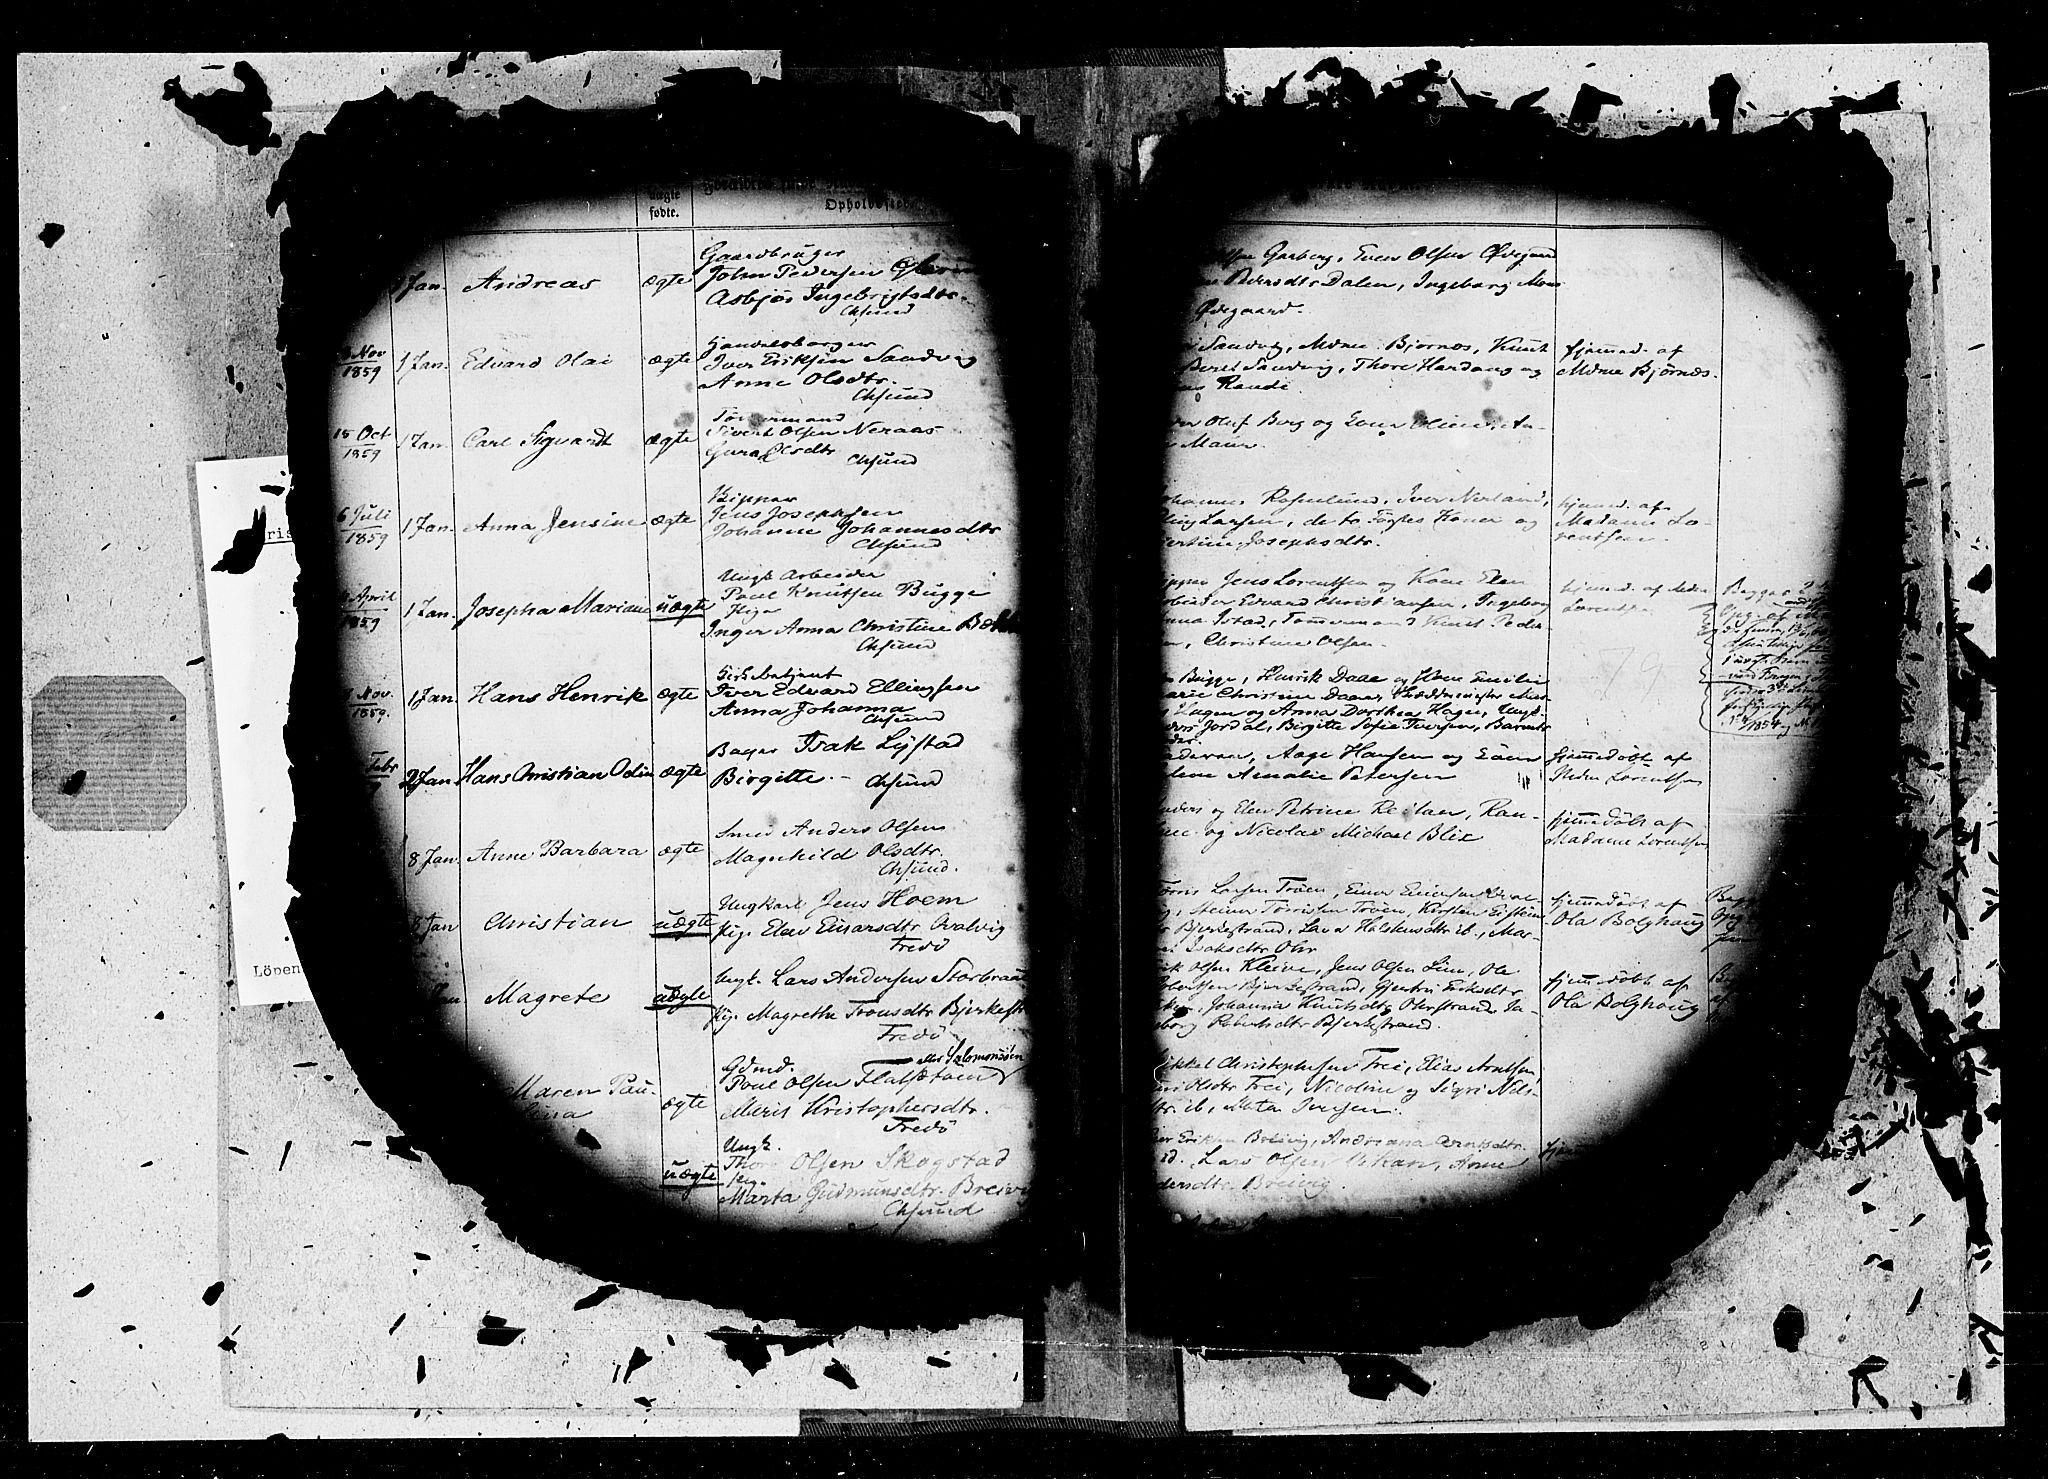 SAT, Ministerialprotokoller, klokkerbøker og fødselsregistre - Møre og Romsdal, 572/L0846: Ministerialbok nr. 572A09, 1855-1865, s. 79